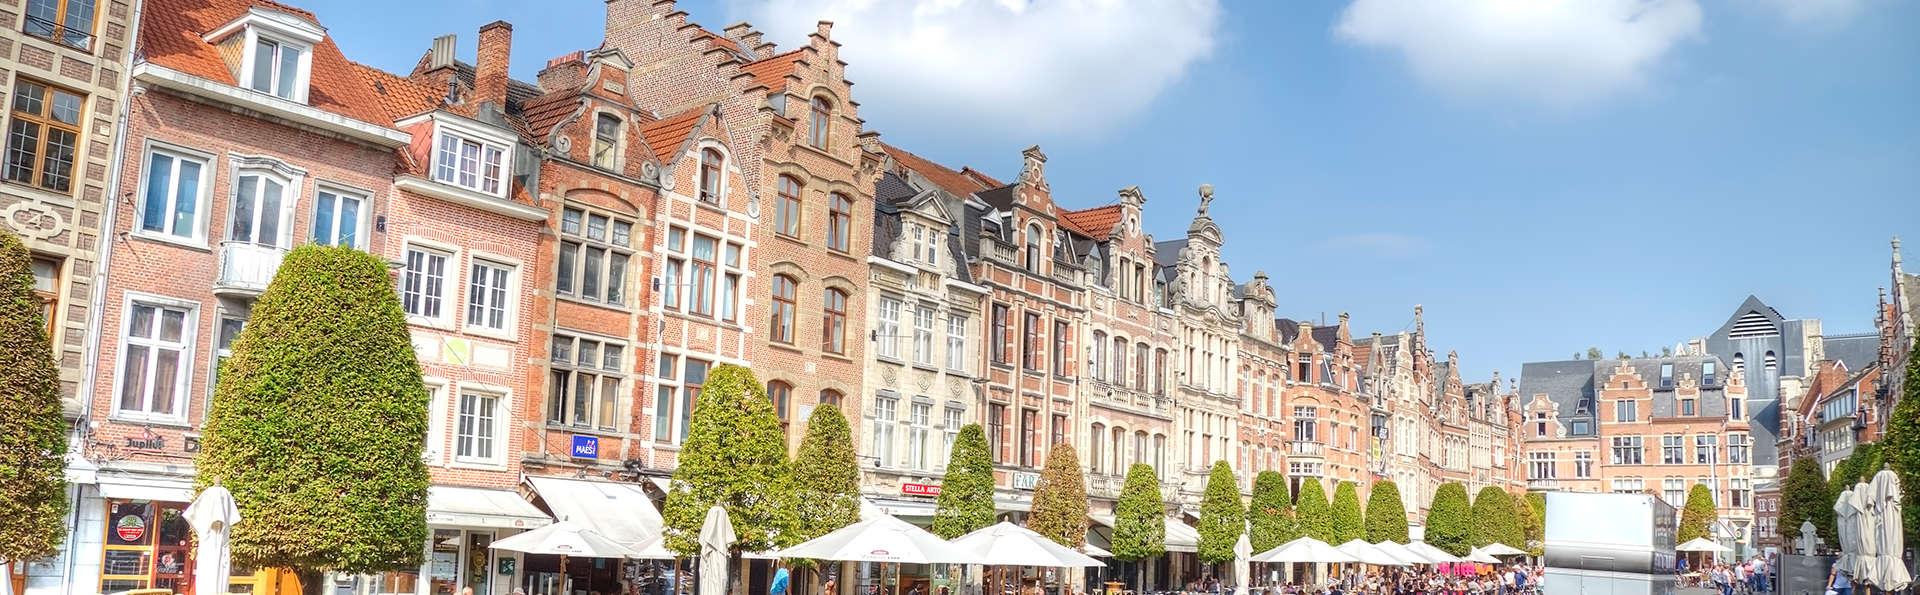 Confortable séjour près de Louvain